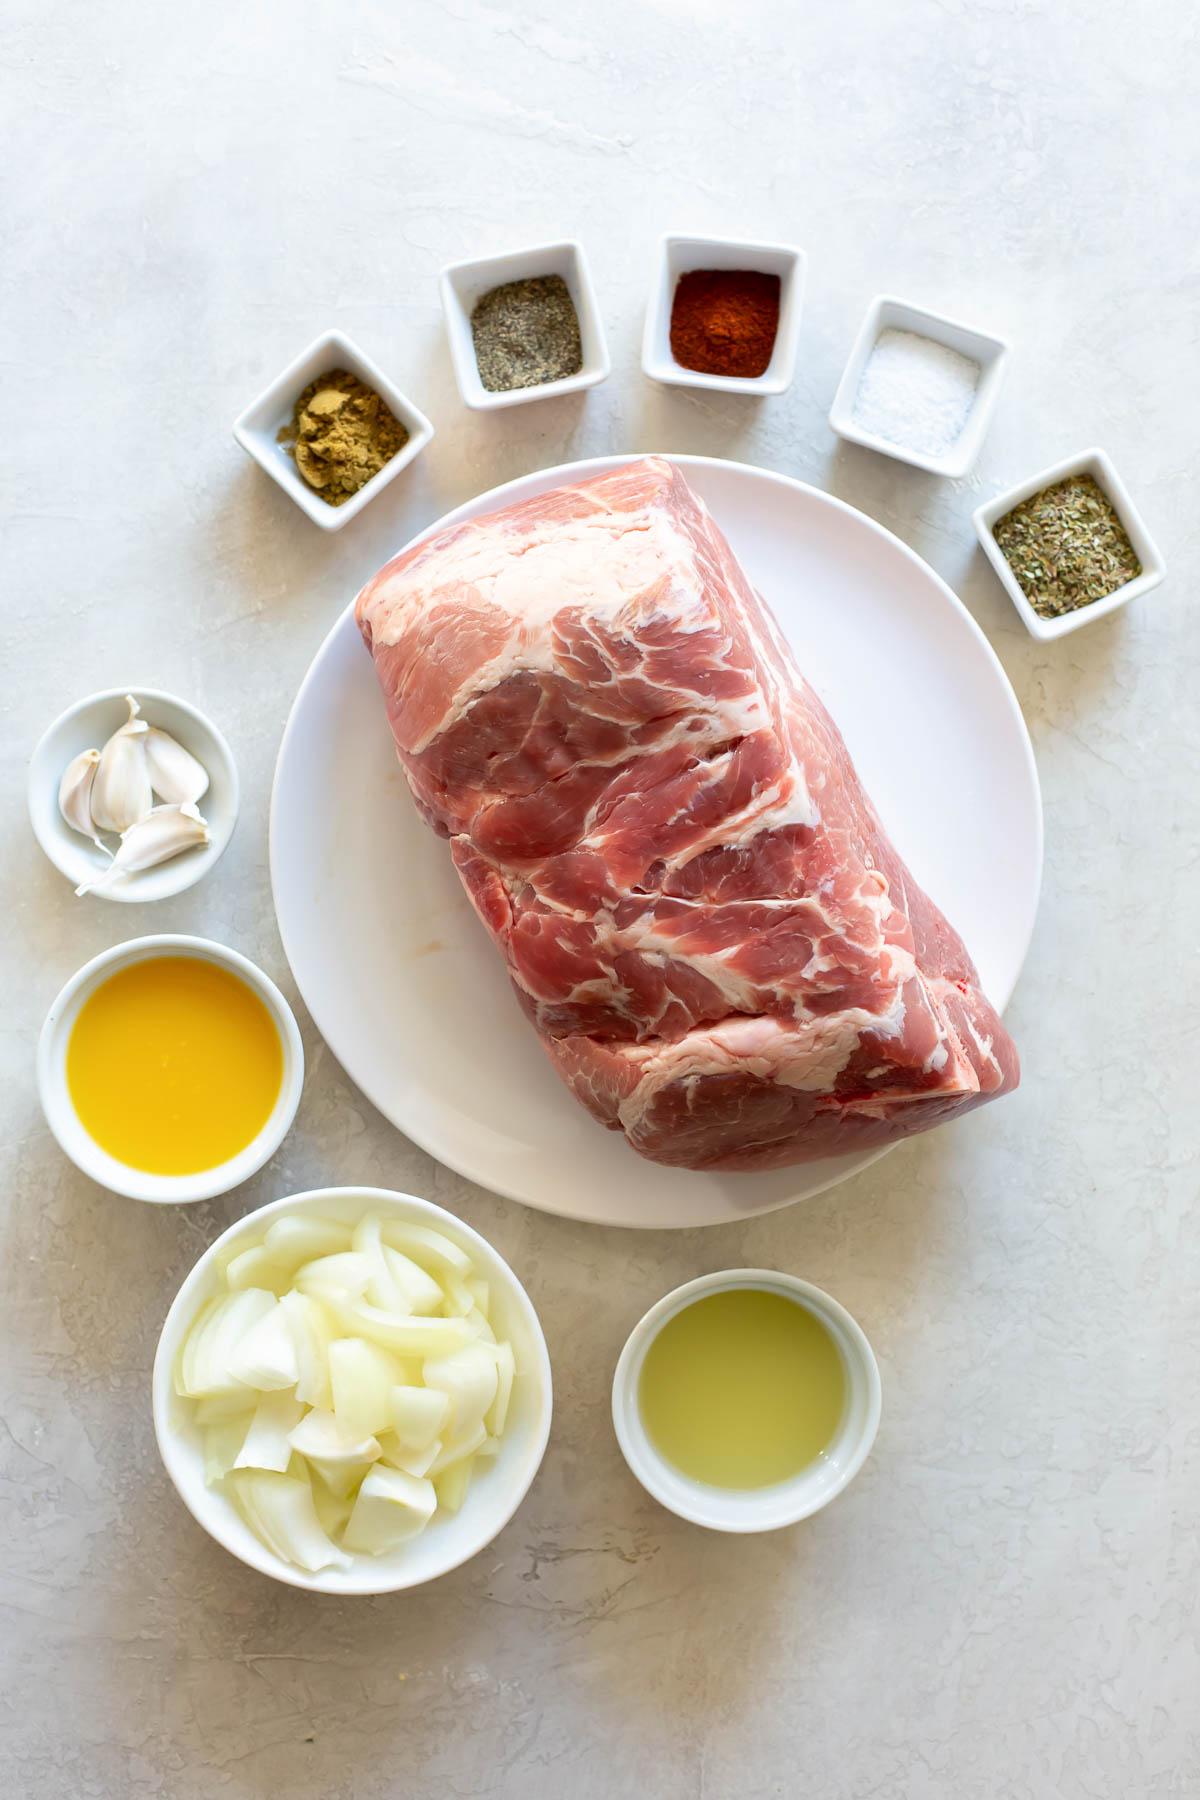 ingredients for carnitas recipe